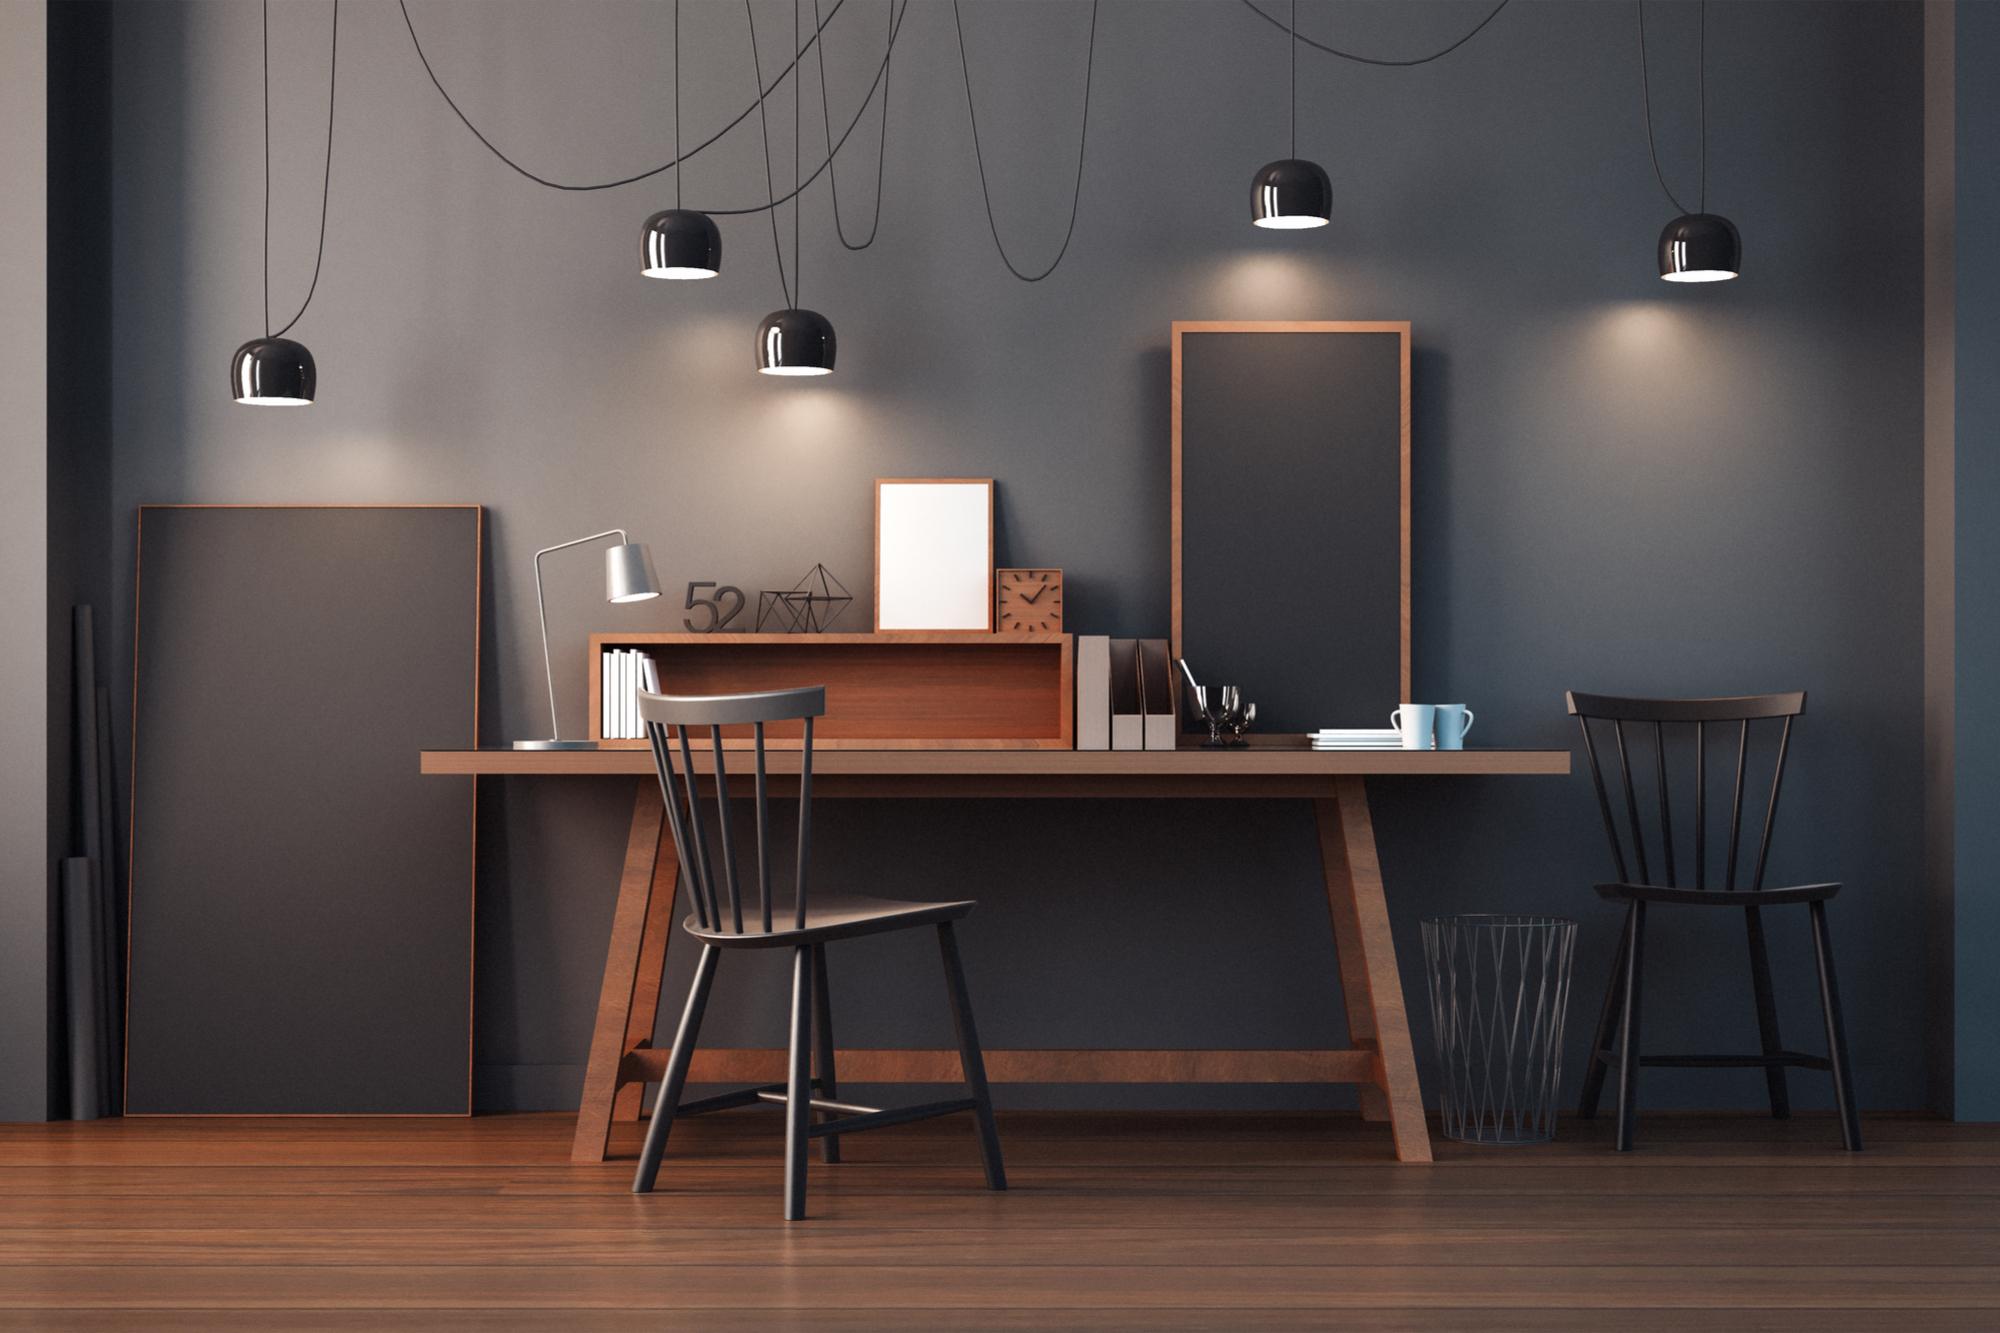 Inspirativní prostředí- zařiďte si kancelář snů nábytkem na míru Creative Commons (shutterstock.com)